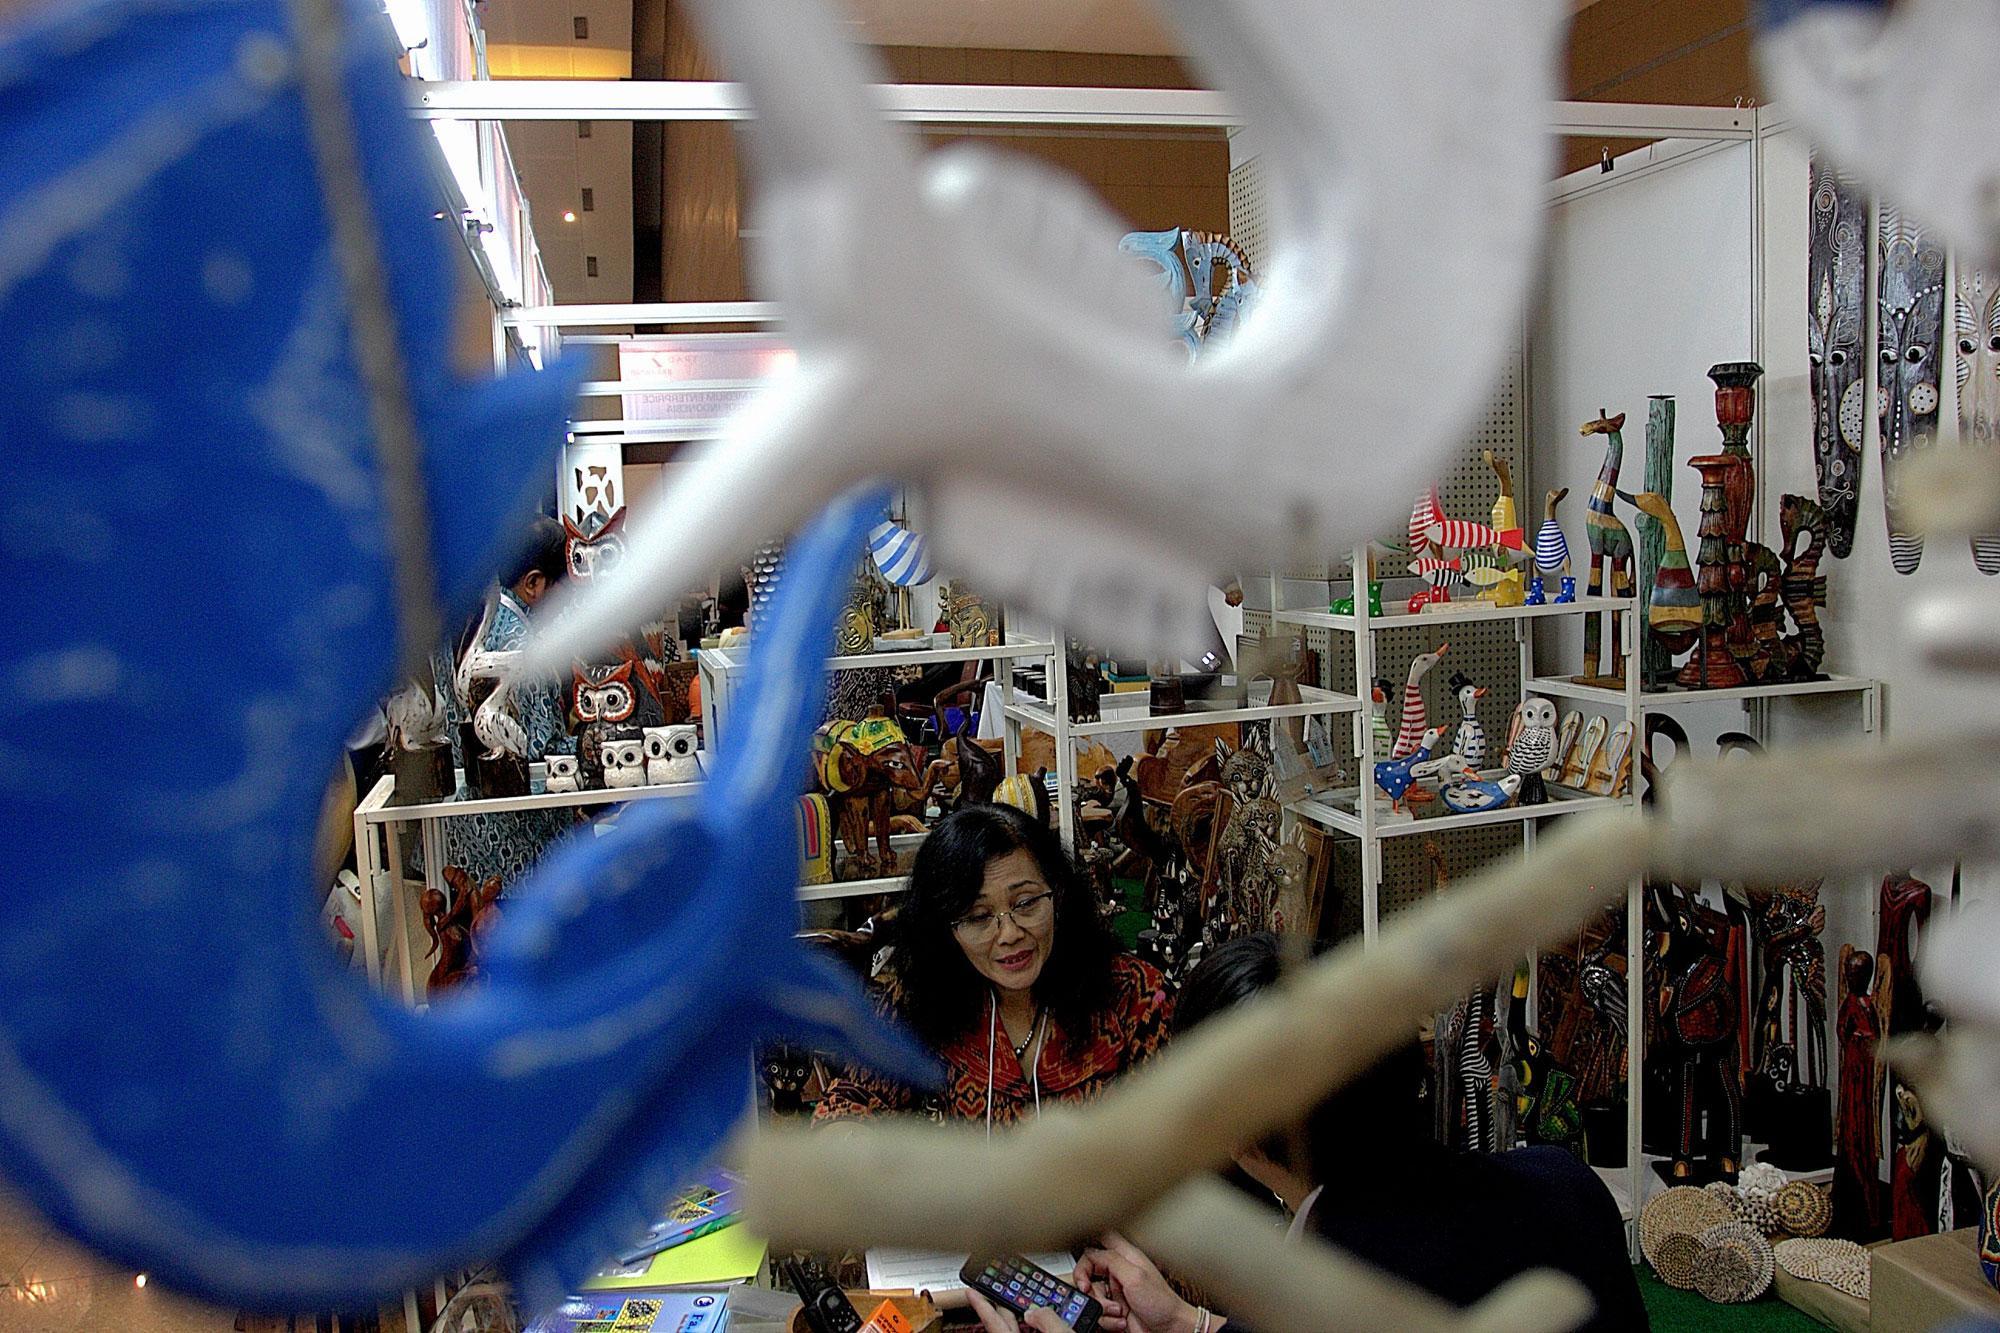 Pengunjung memperhatikan produk kain tenun di salah satu gerai peserta pameran Trade Expo Indonesia ke-30 Tahun 2015 di Arena Pekan Raya Jakarta, Kemayoran, Jakarta, Rabu (21/10). Pameran tahunan yang menampilkan berbagai produk Indonesia berkualitas eksp